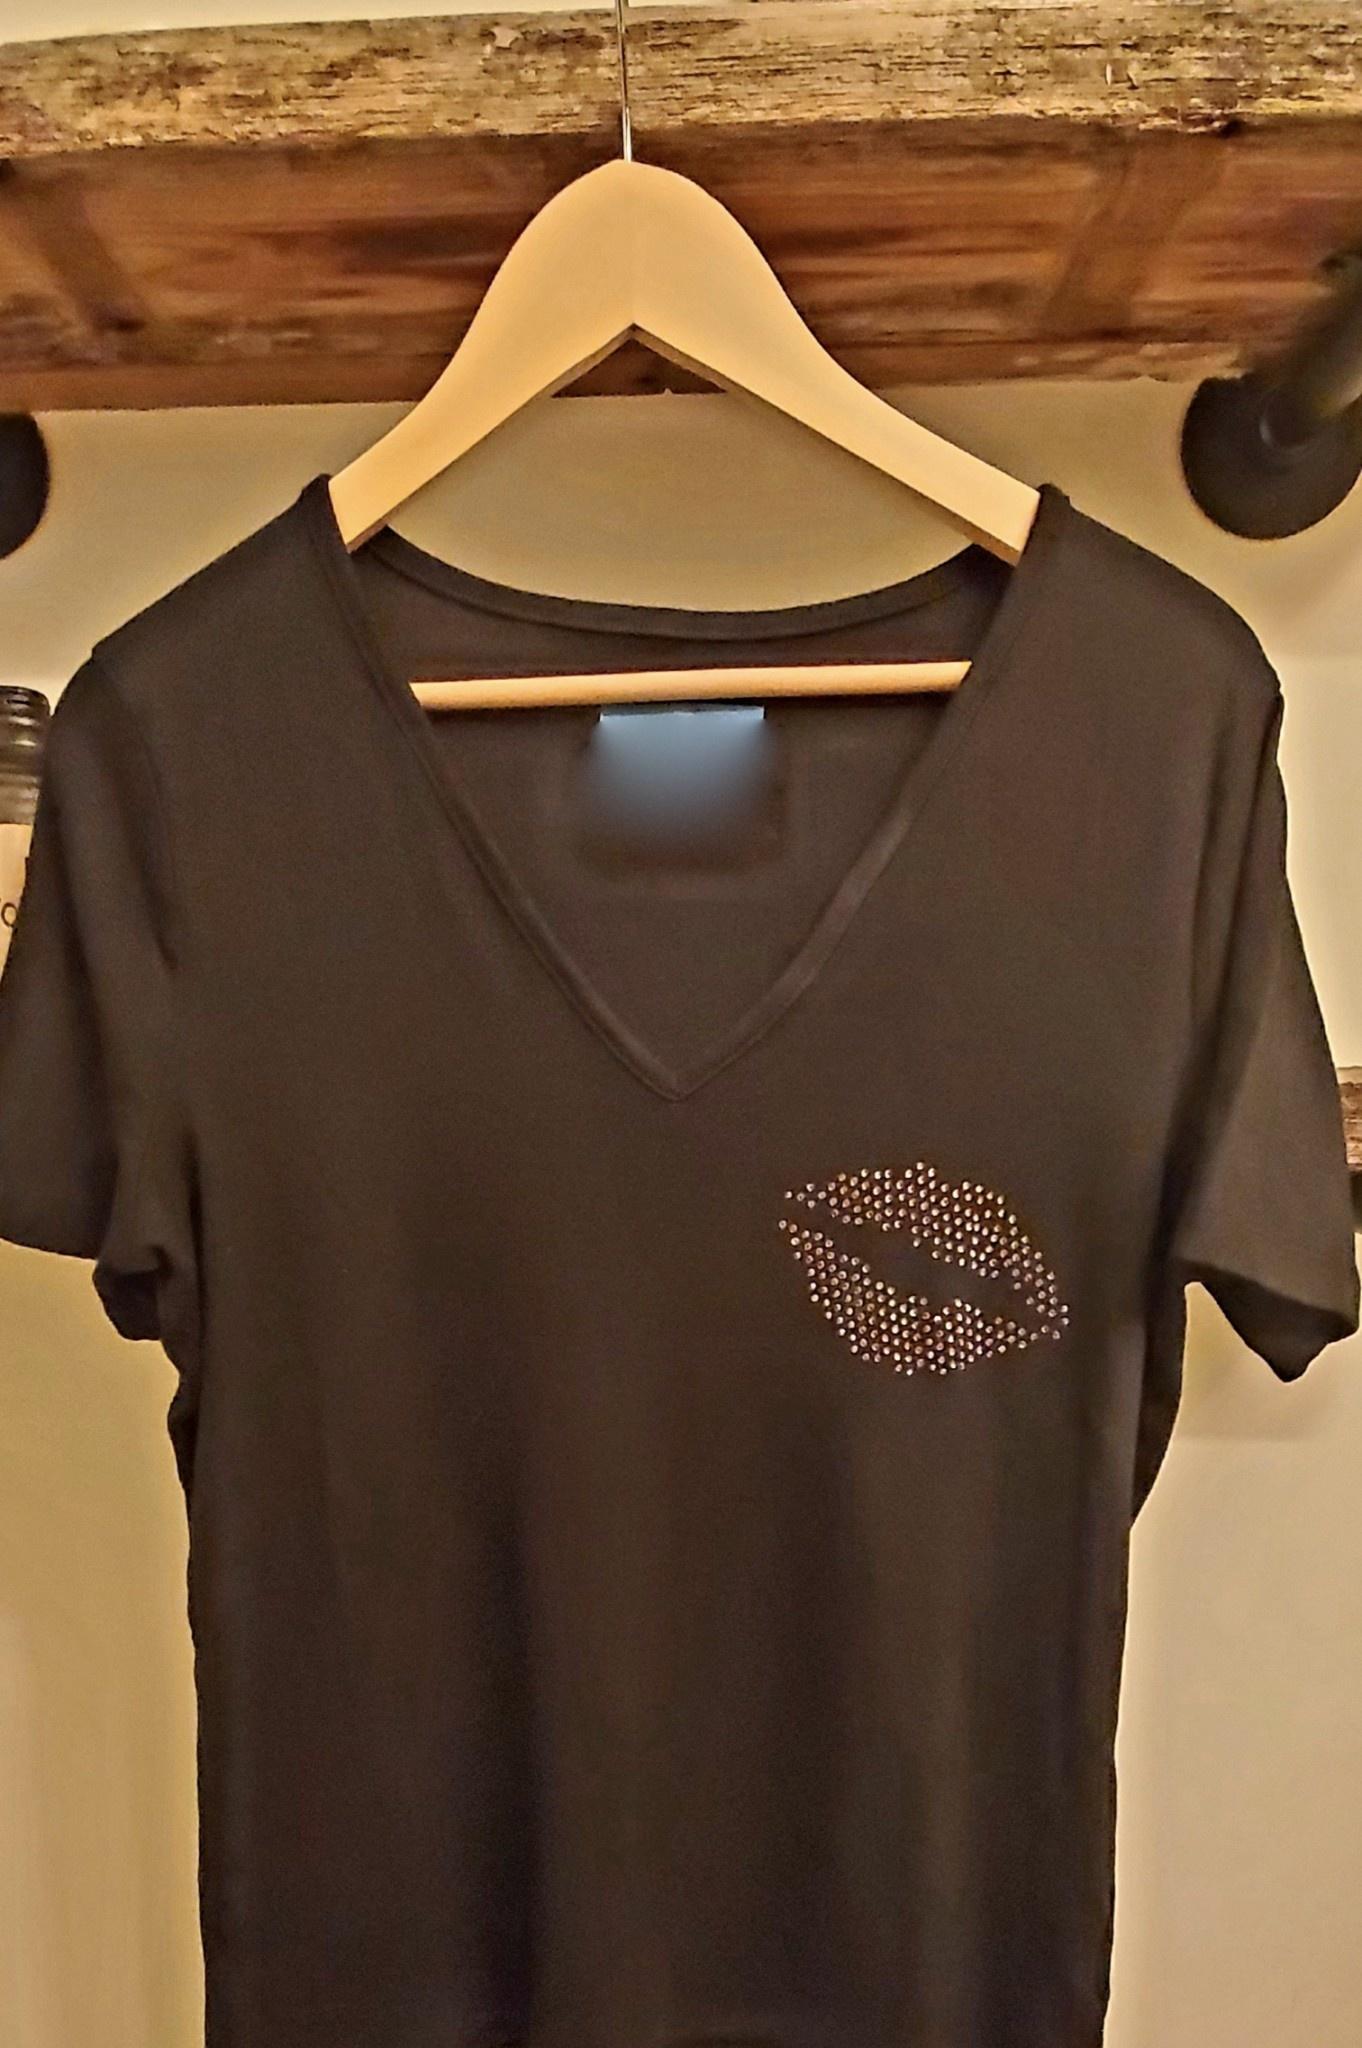 Rhinestone Detail Tee Shirt